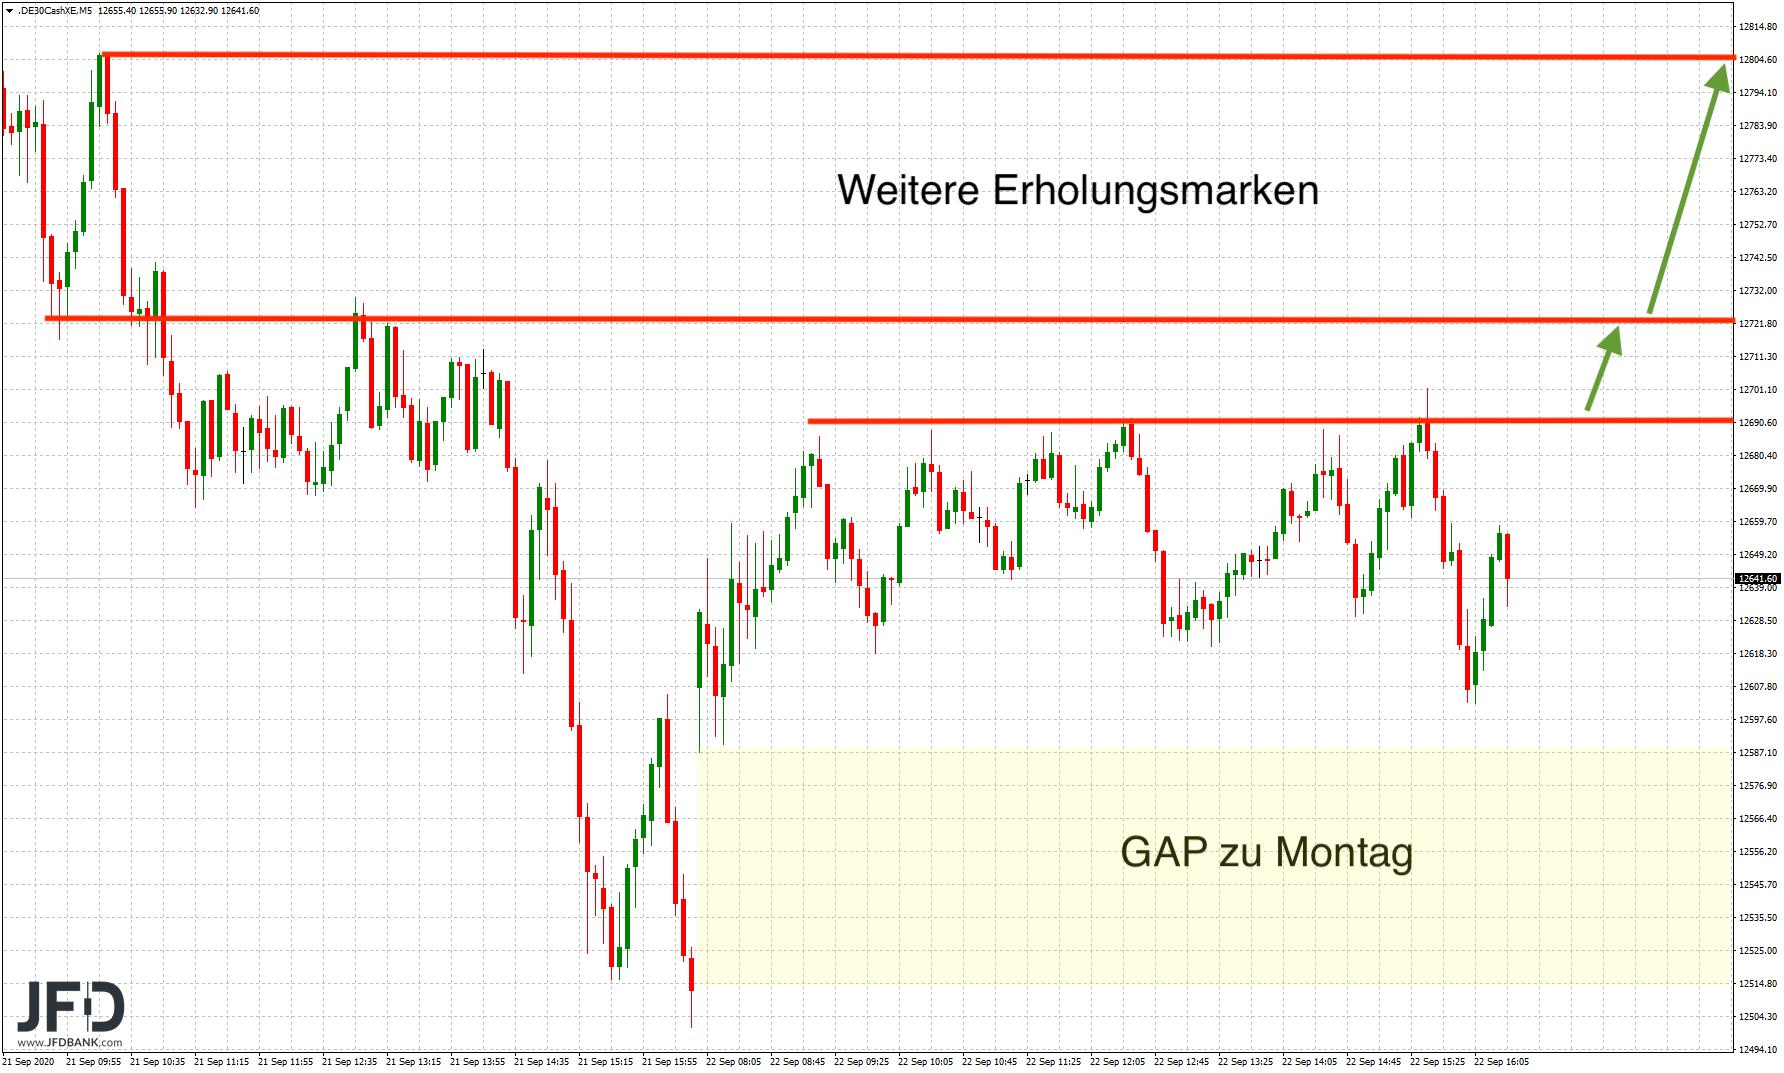 DAX-Korrektur-nach-oben-schon-wieder-vorbei-Kommentar-JFD-Bank-GodmodeTrader.de-1